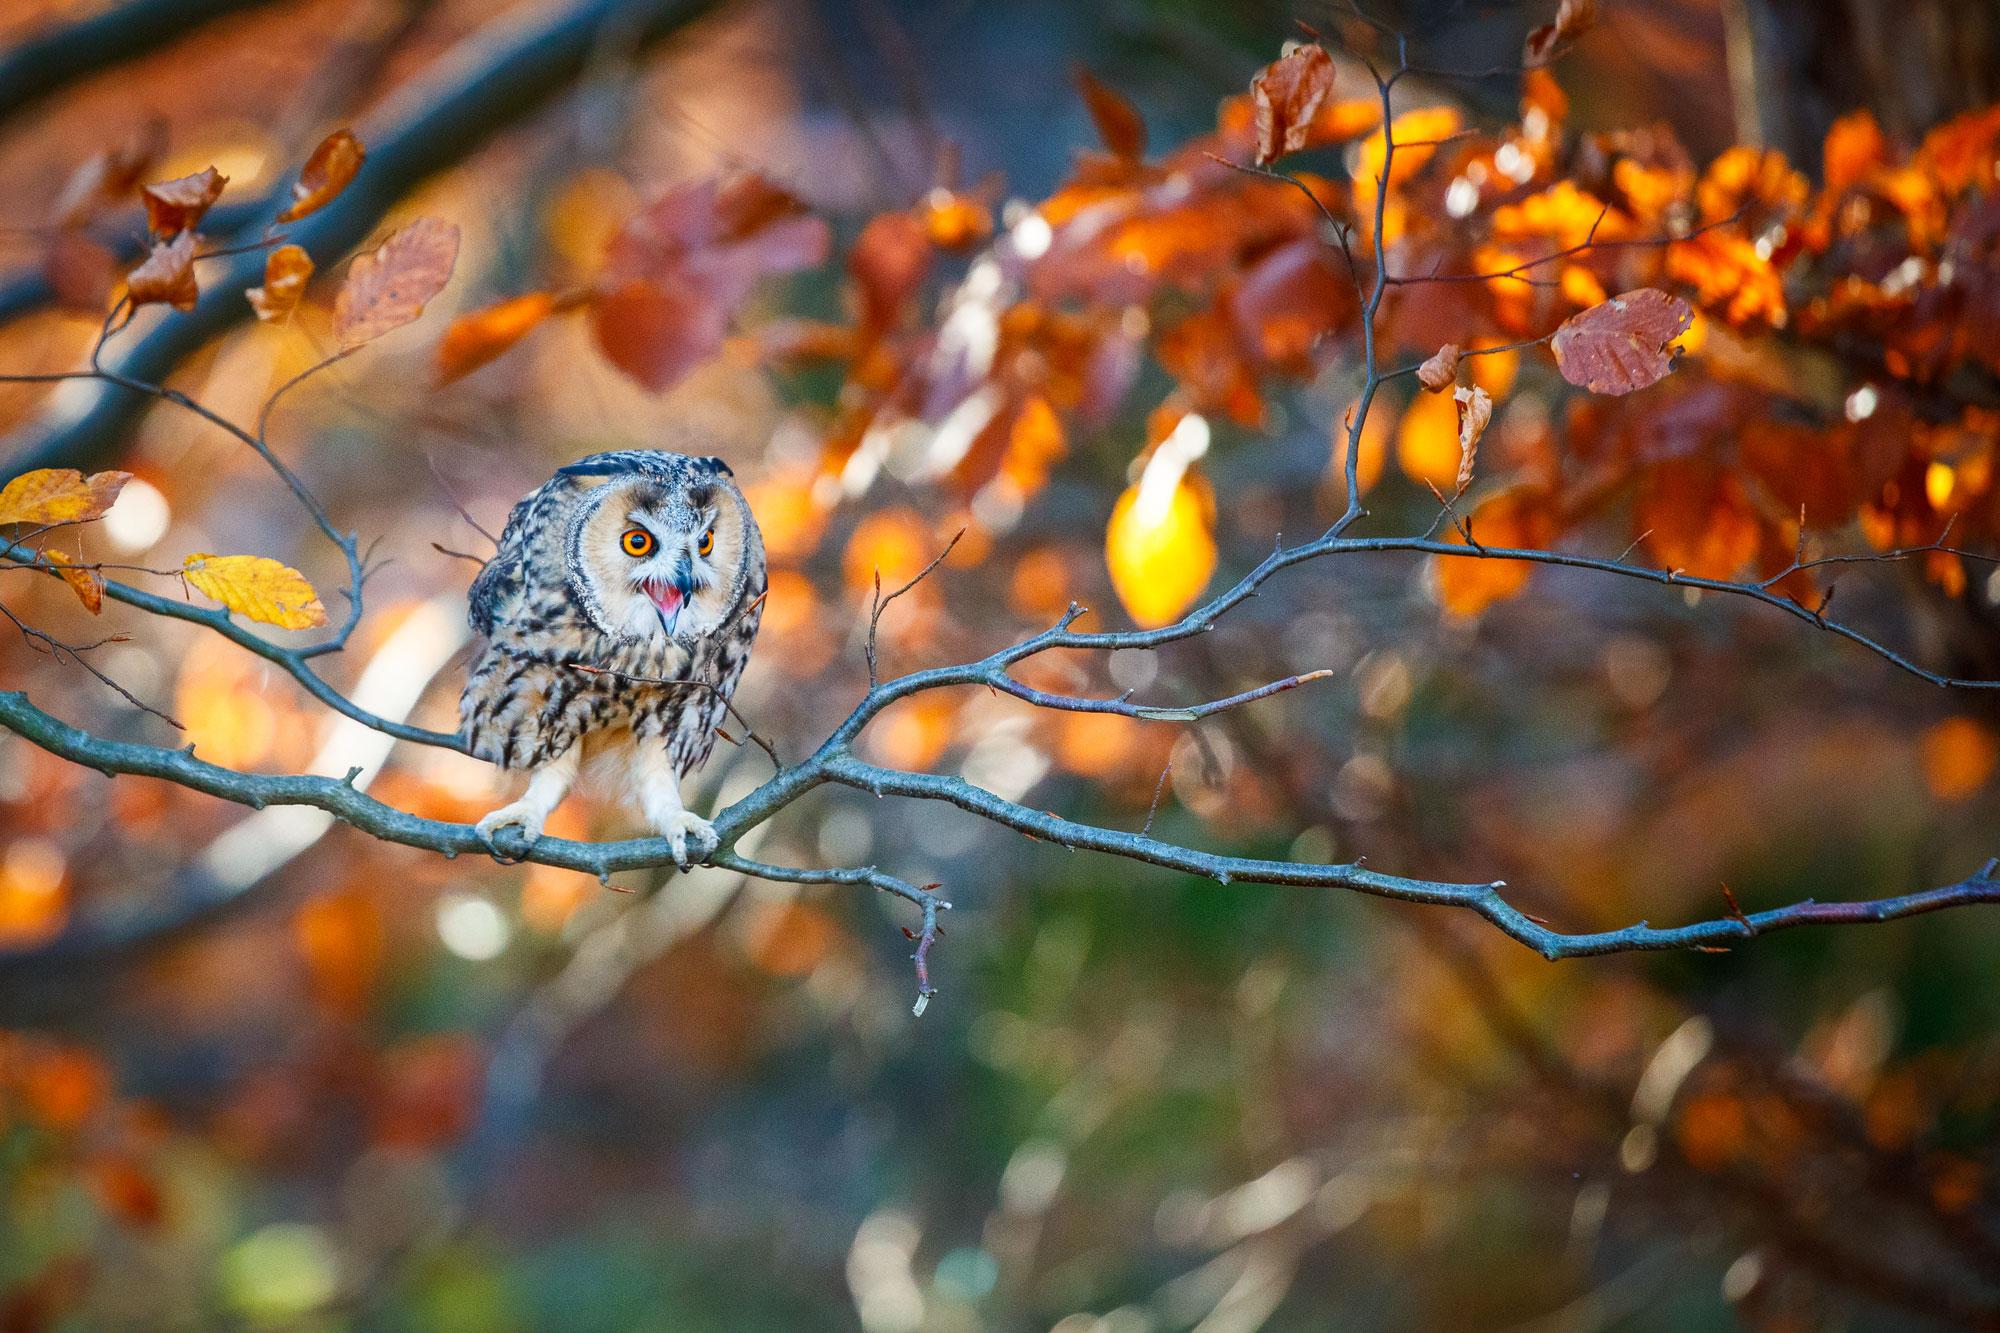 Tom_Schueler_Fotografie_Wildlife_Birds_2